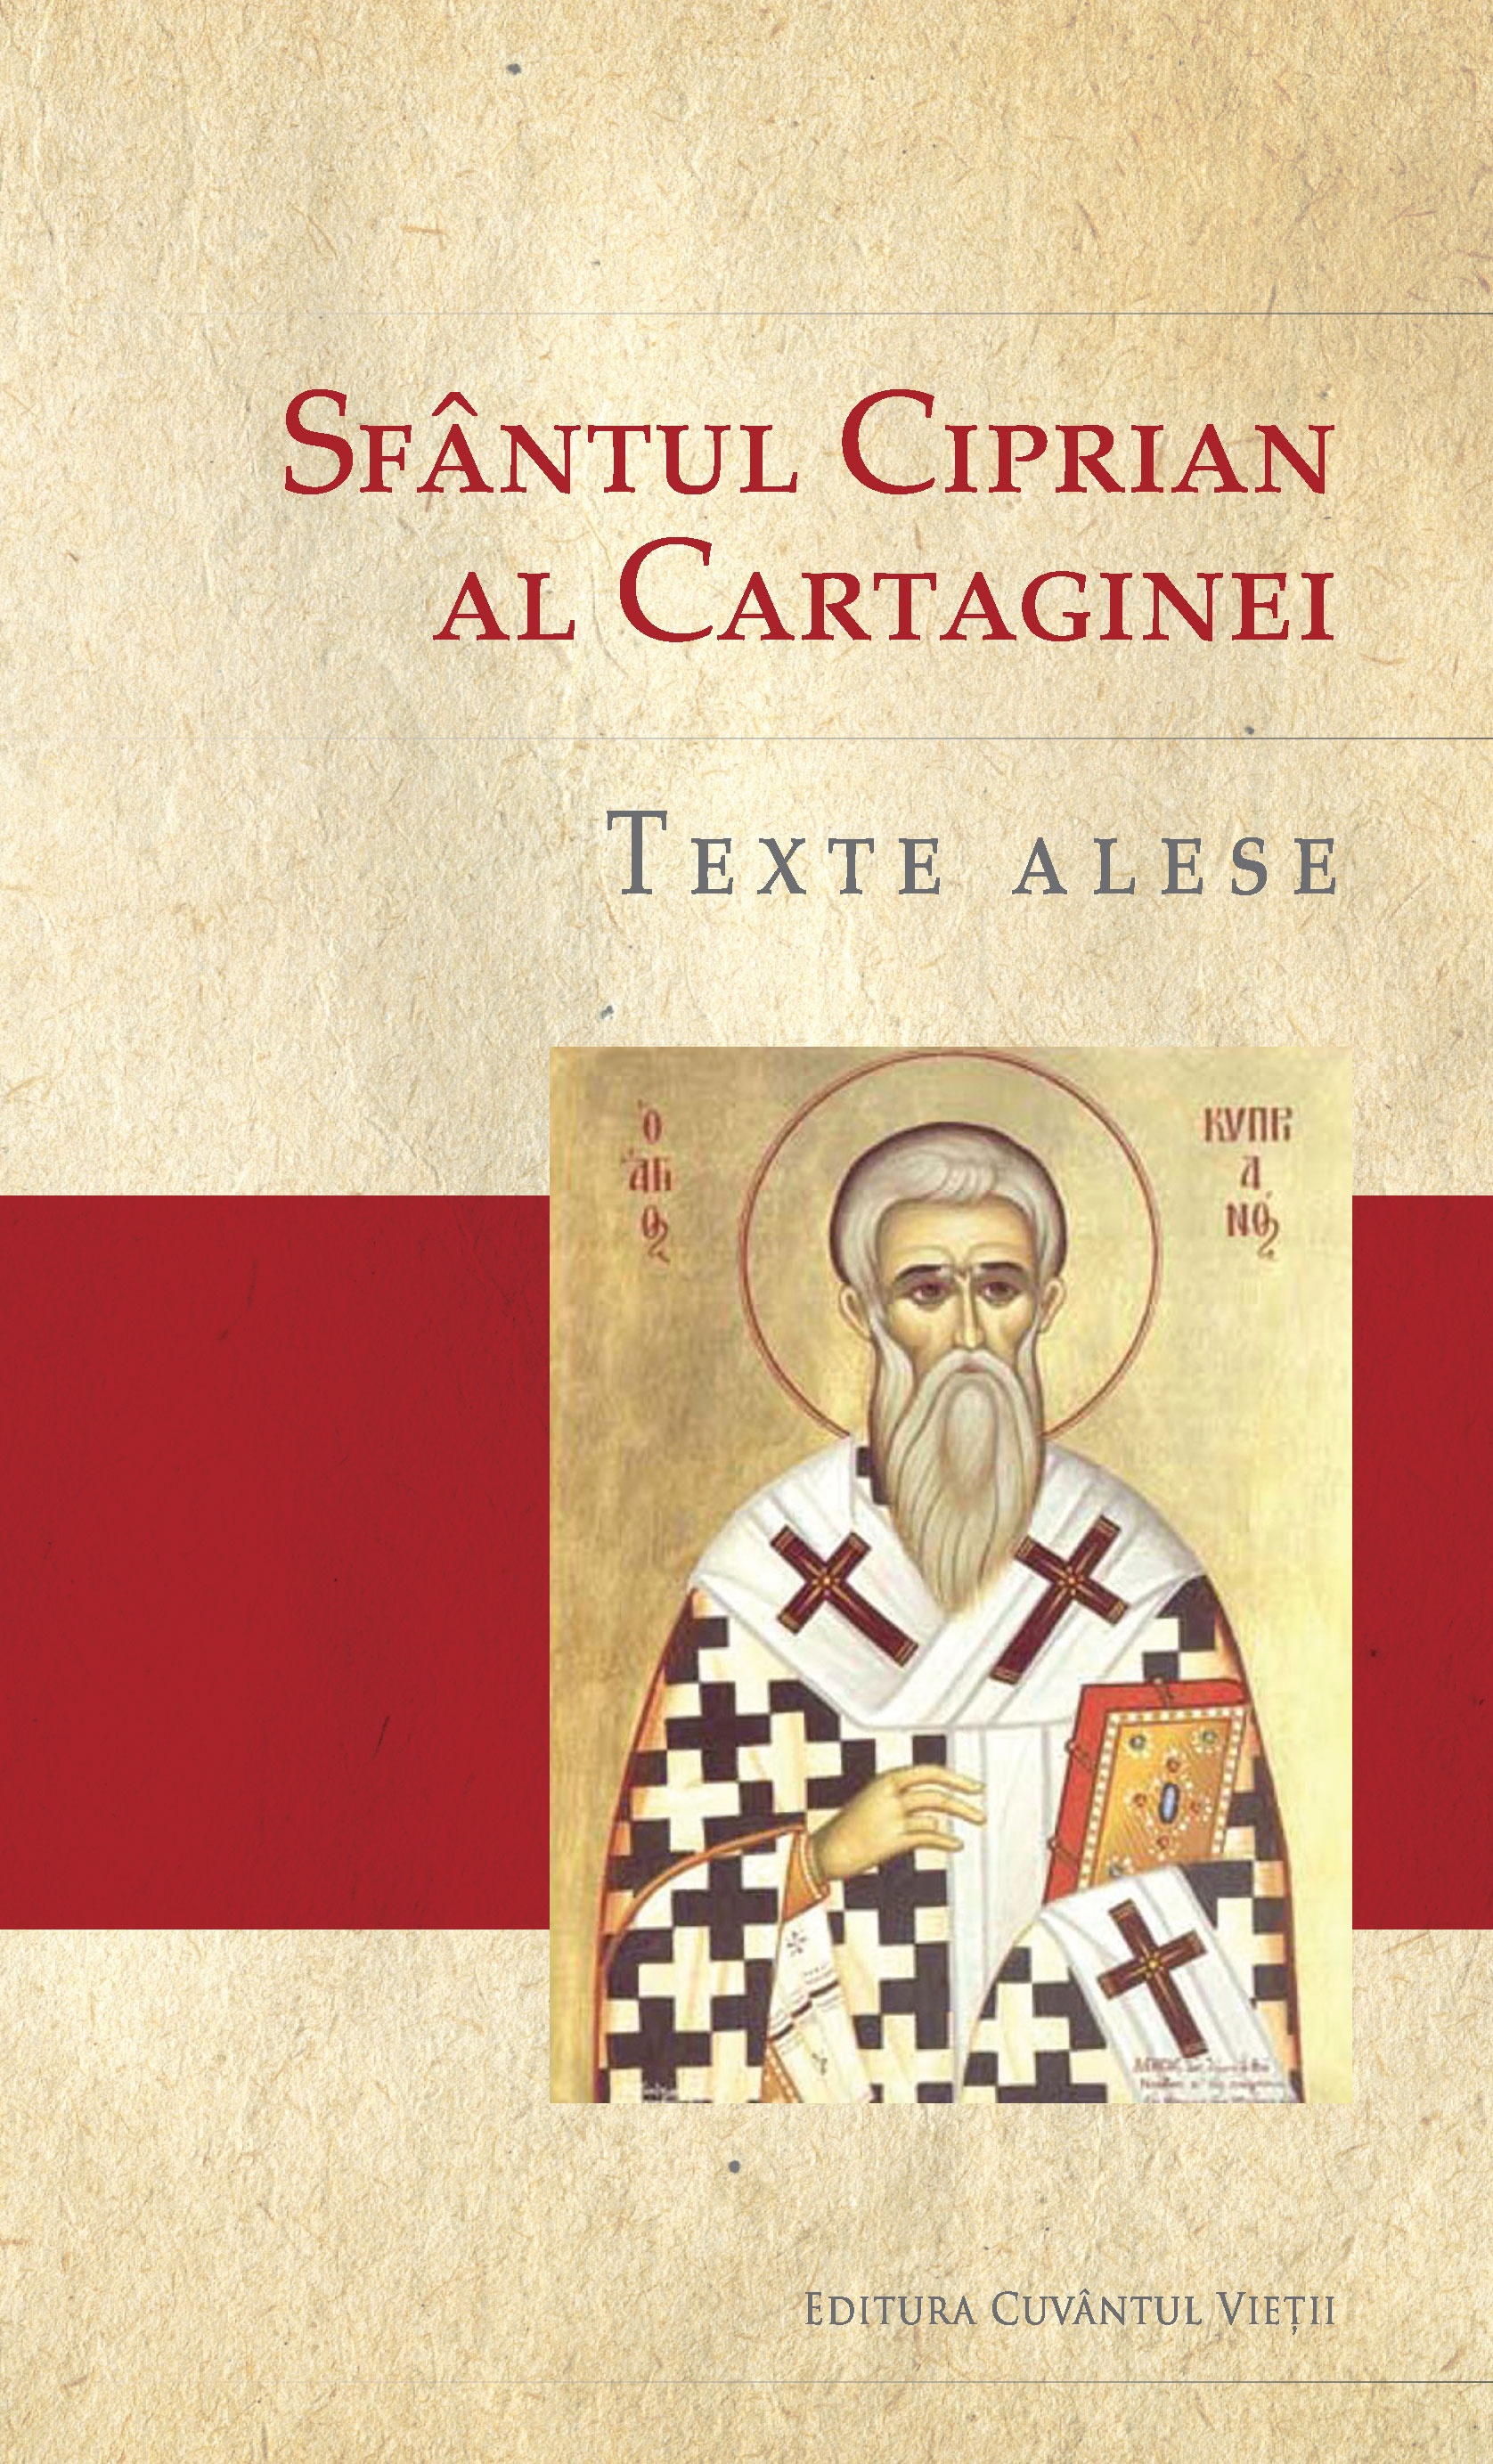 Sfantul Ciprian al Cartaginei - Texte alese